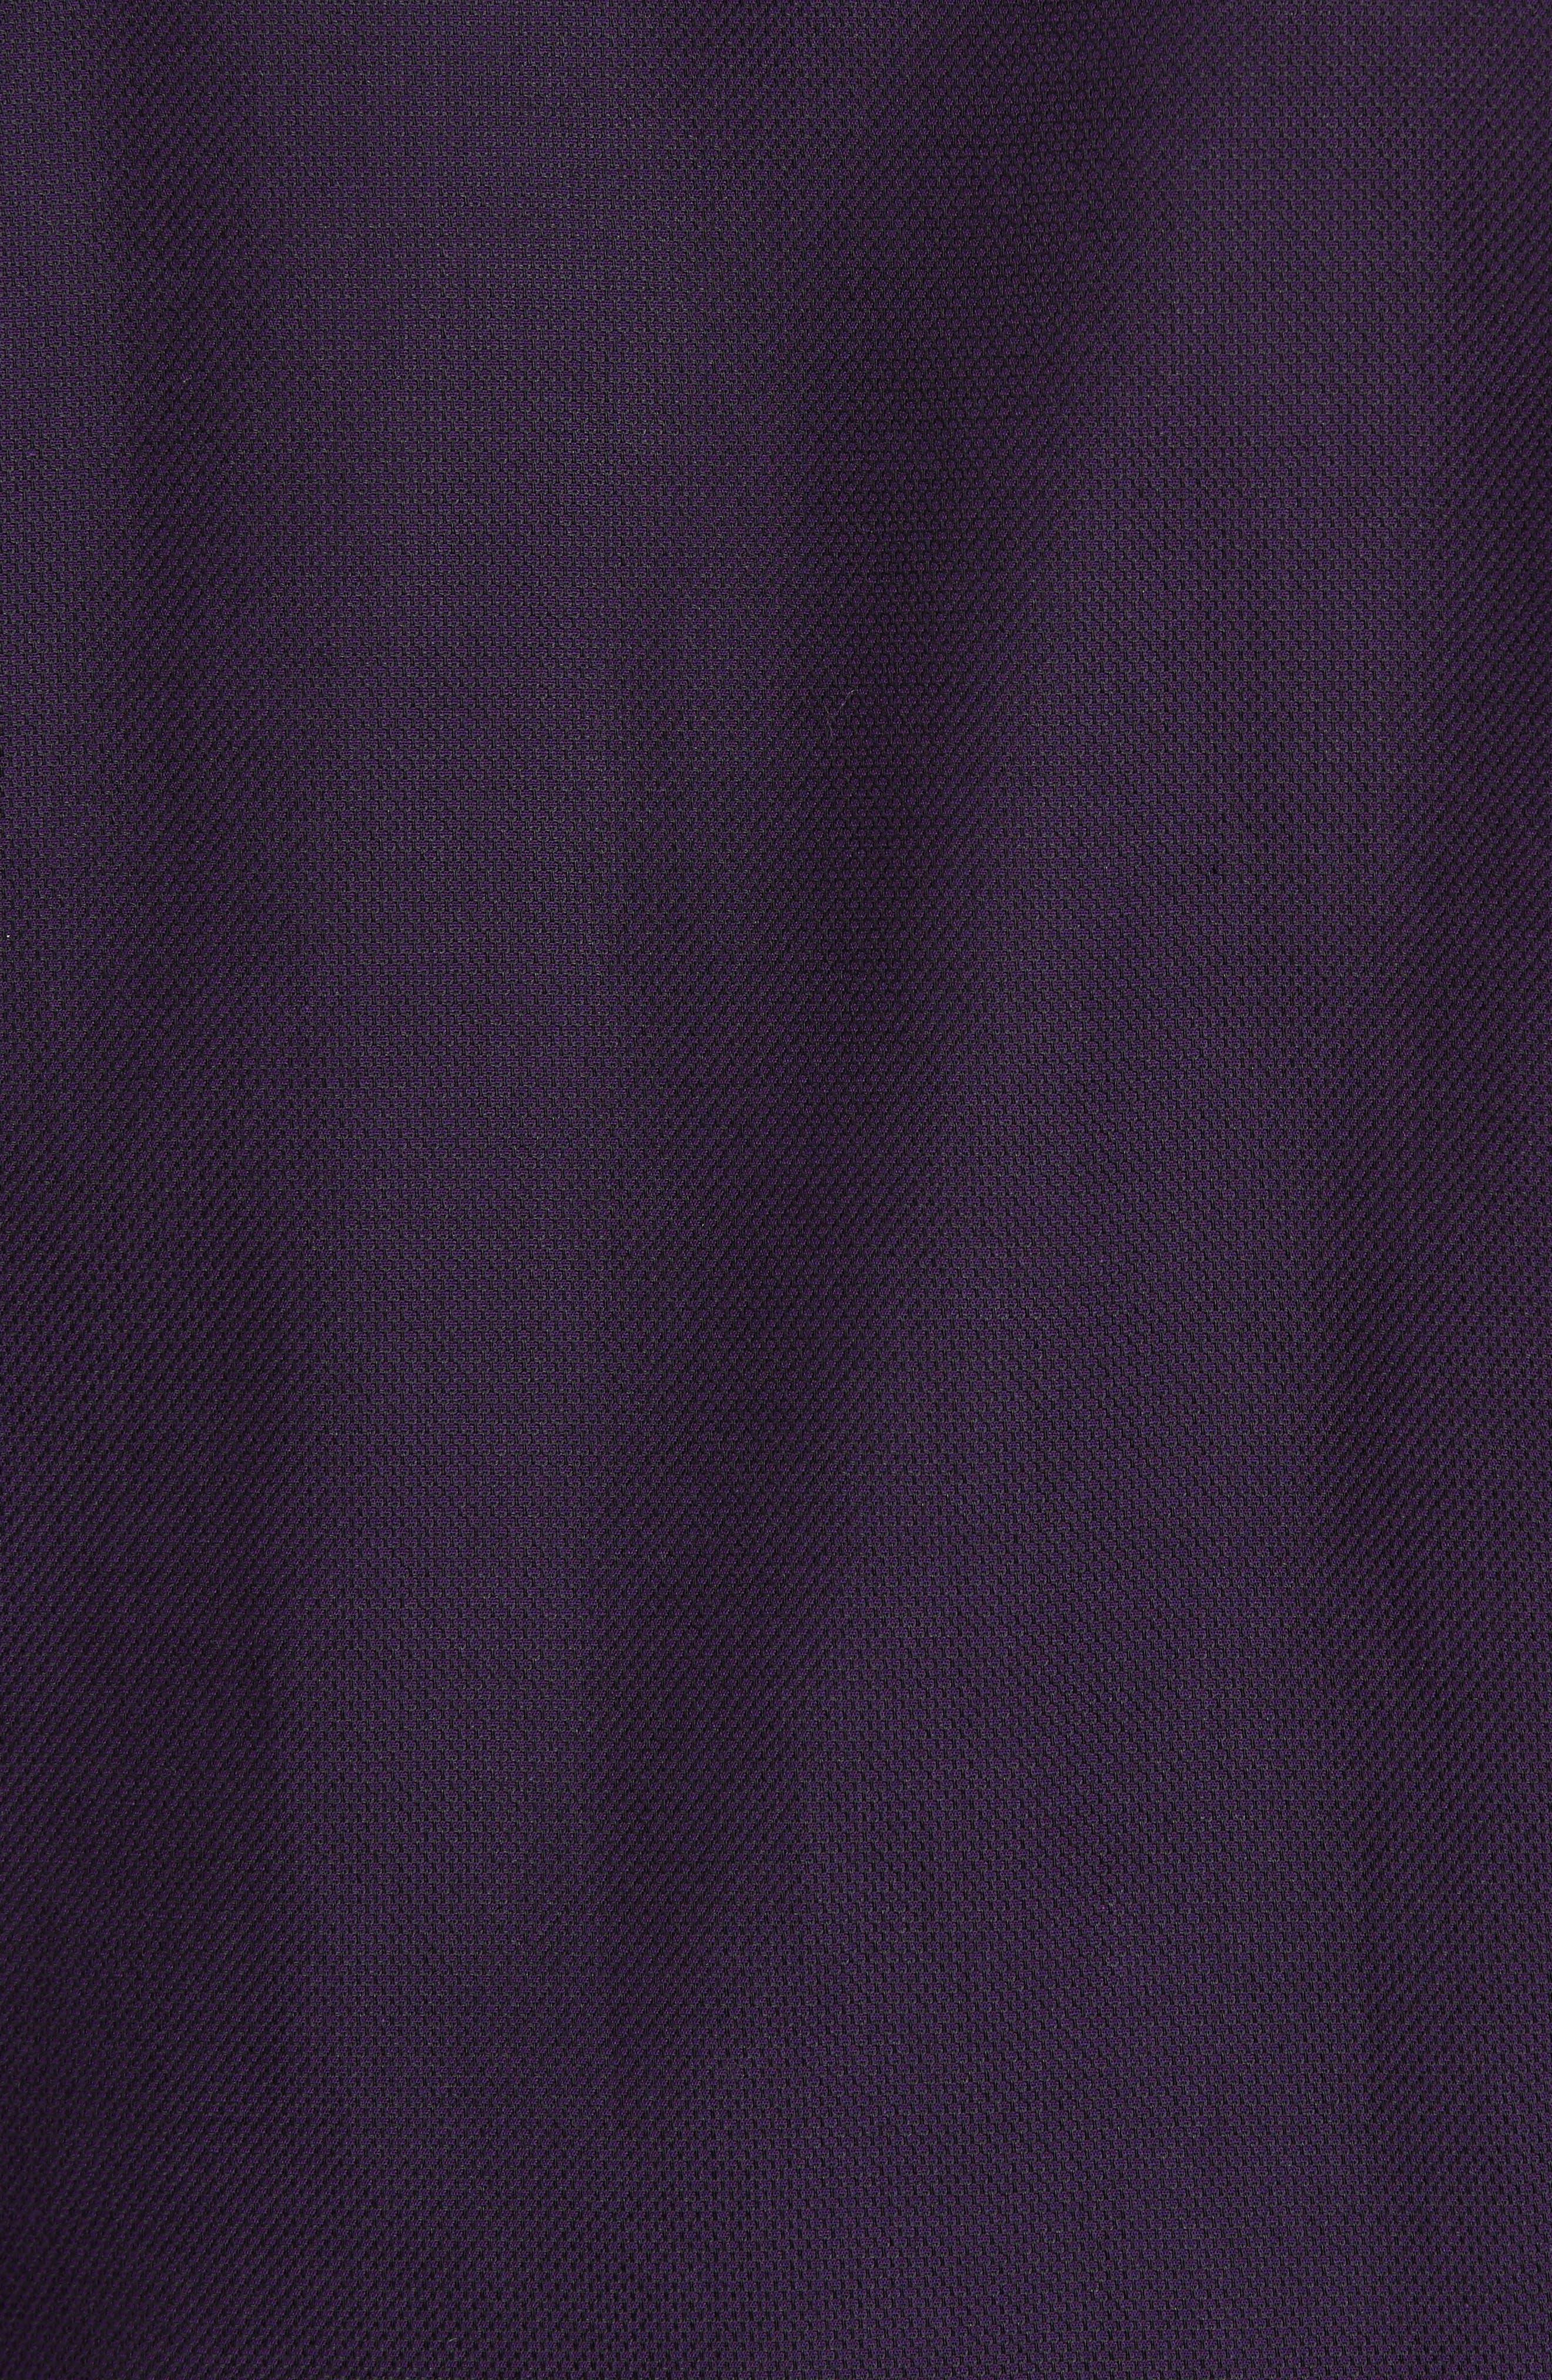 Nordlux Modern Slim Fit Stretch Cotton Sport Shirt,                             Alternate thumbnail 5, color,                             Deep Purple